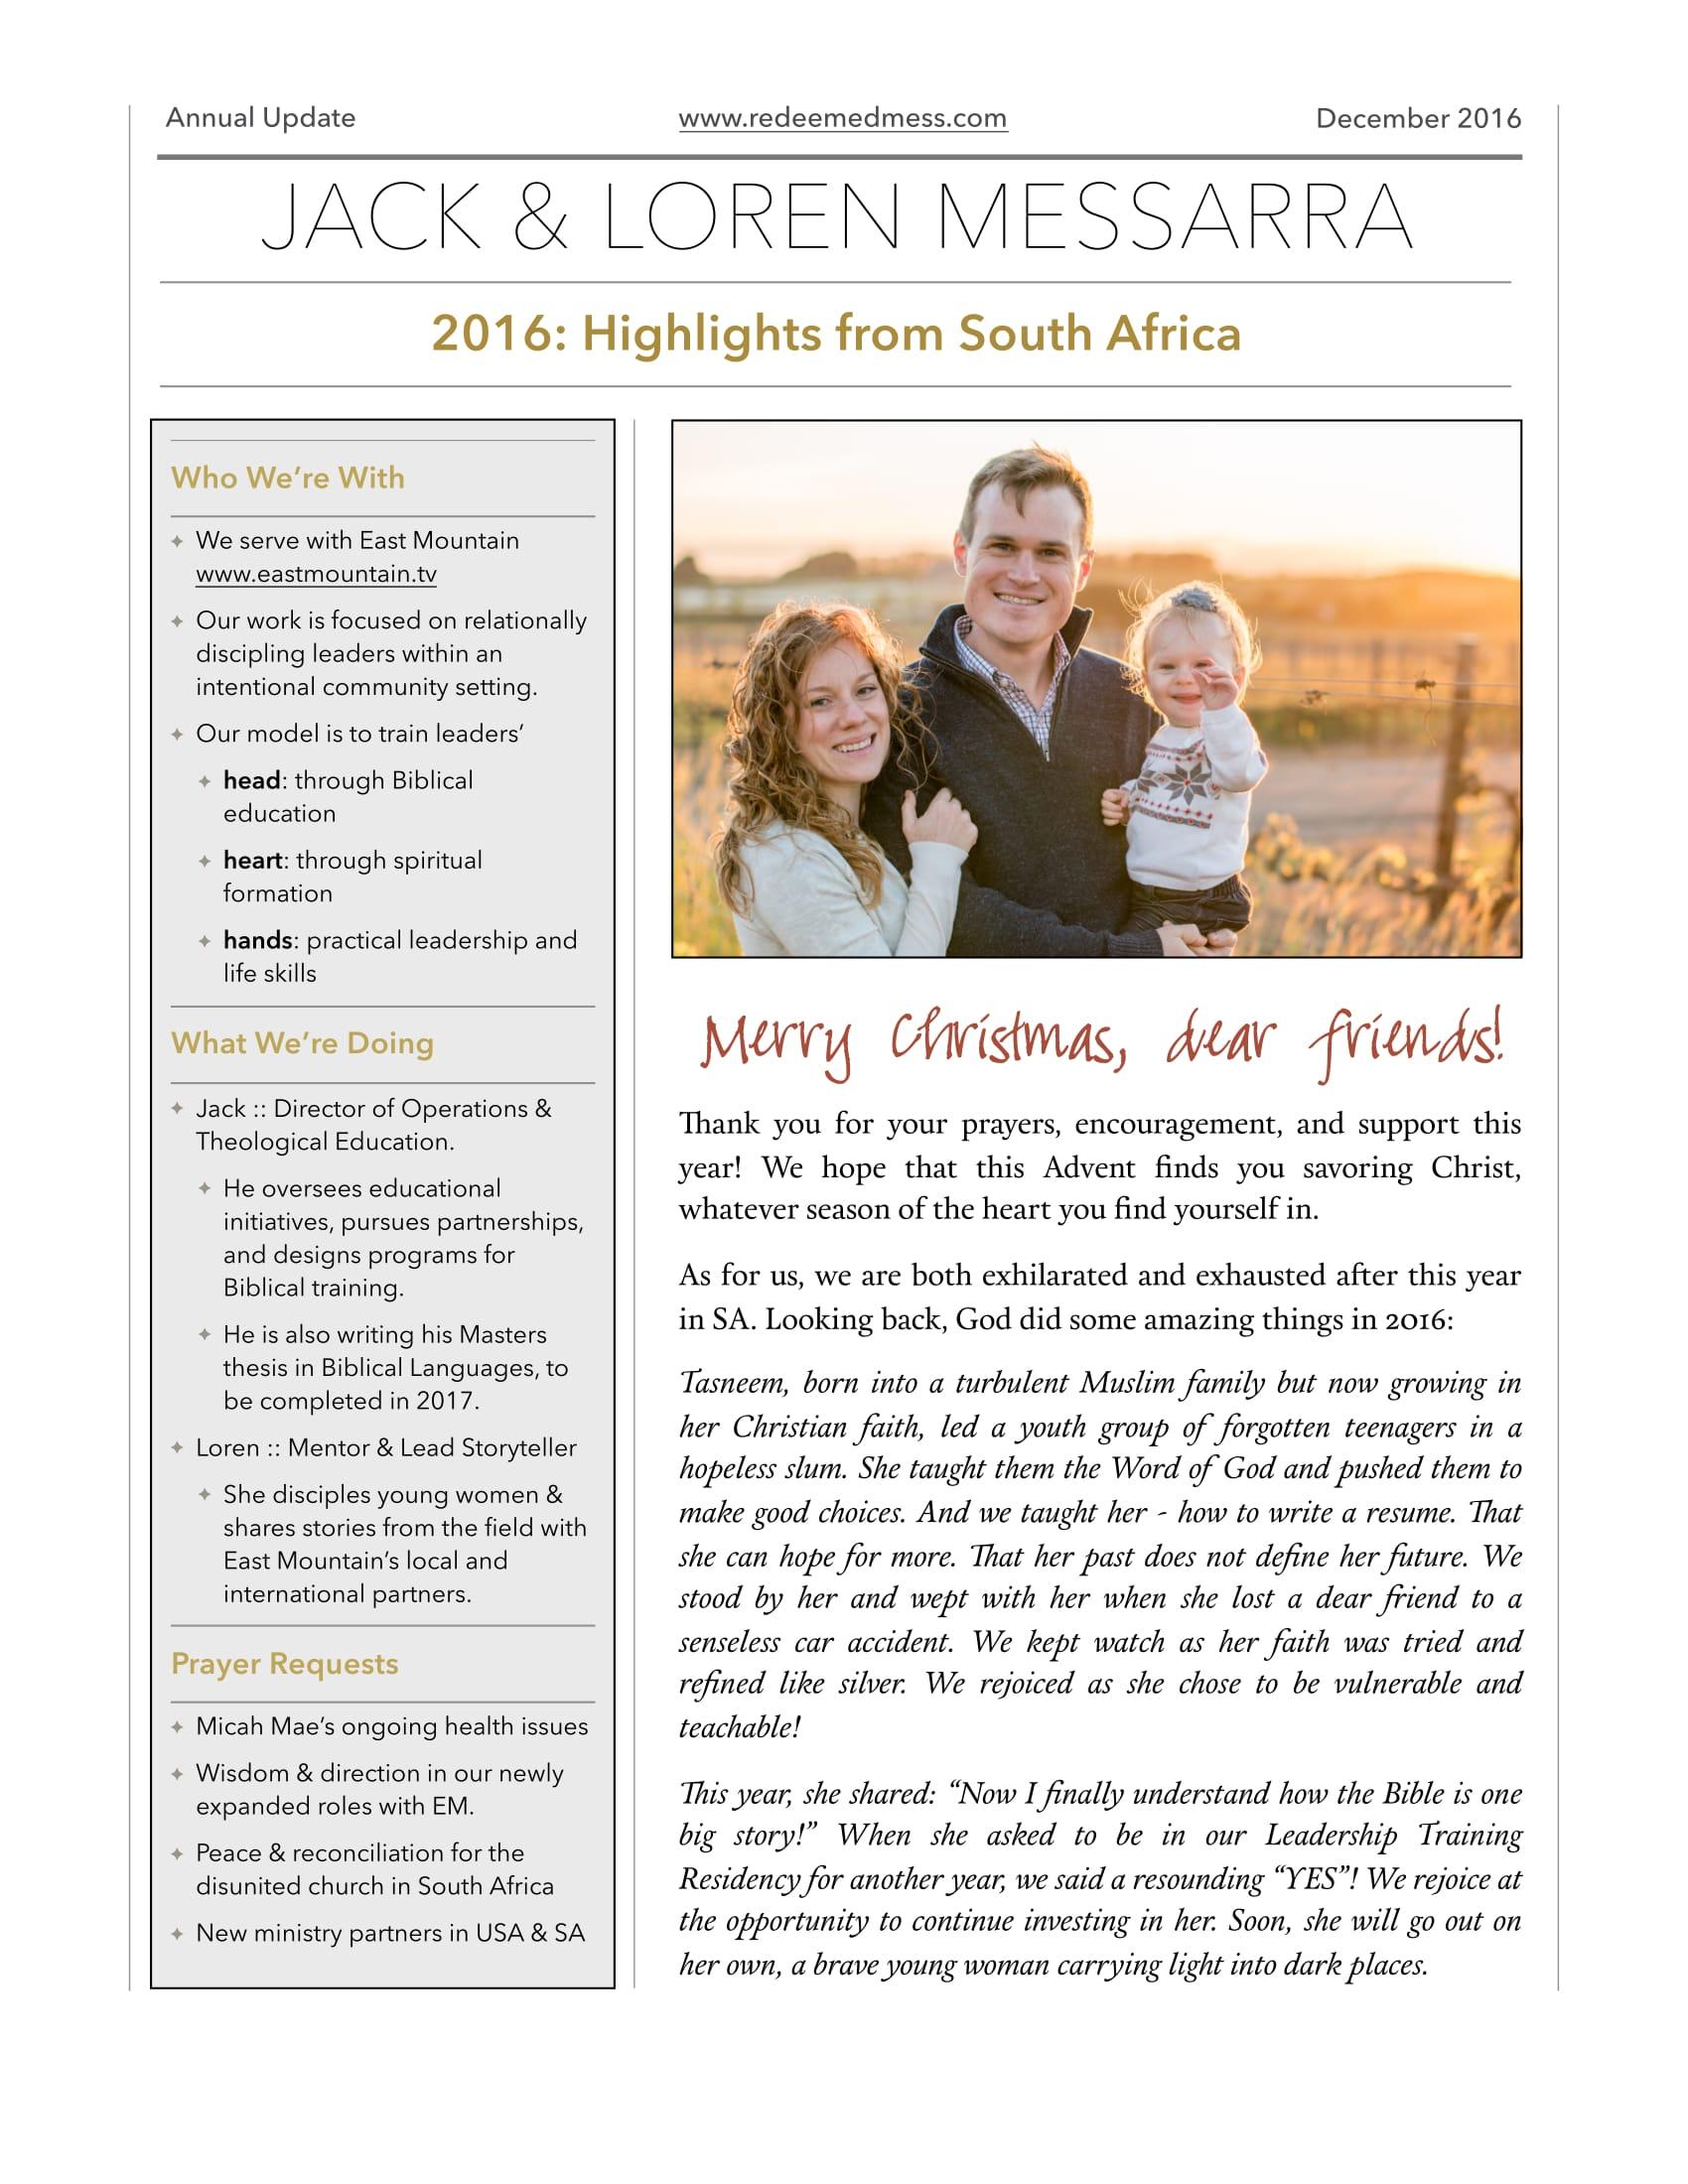 2016 Annual Update Messarra v5-1.jpg